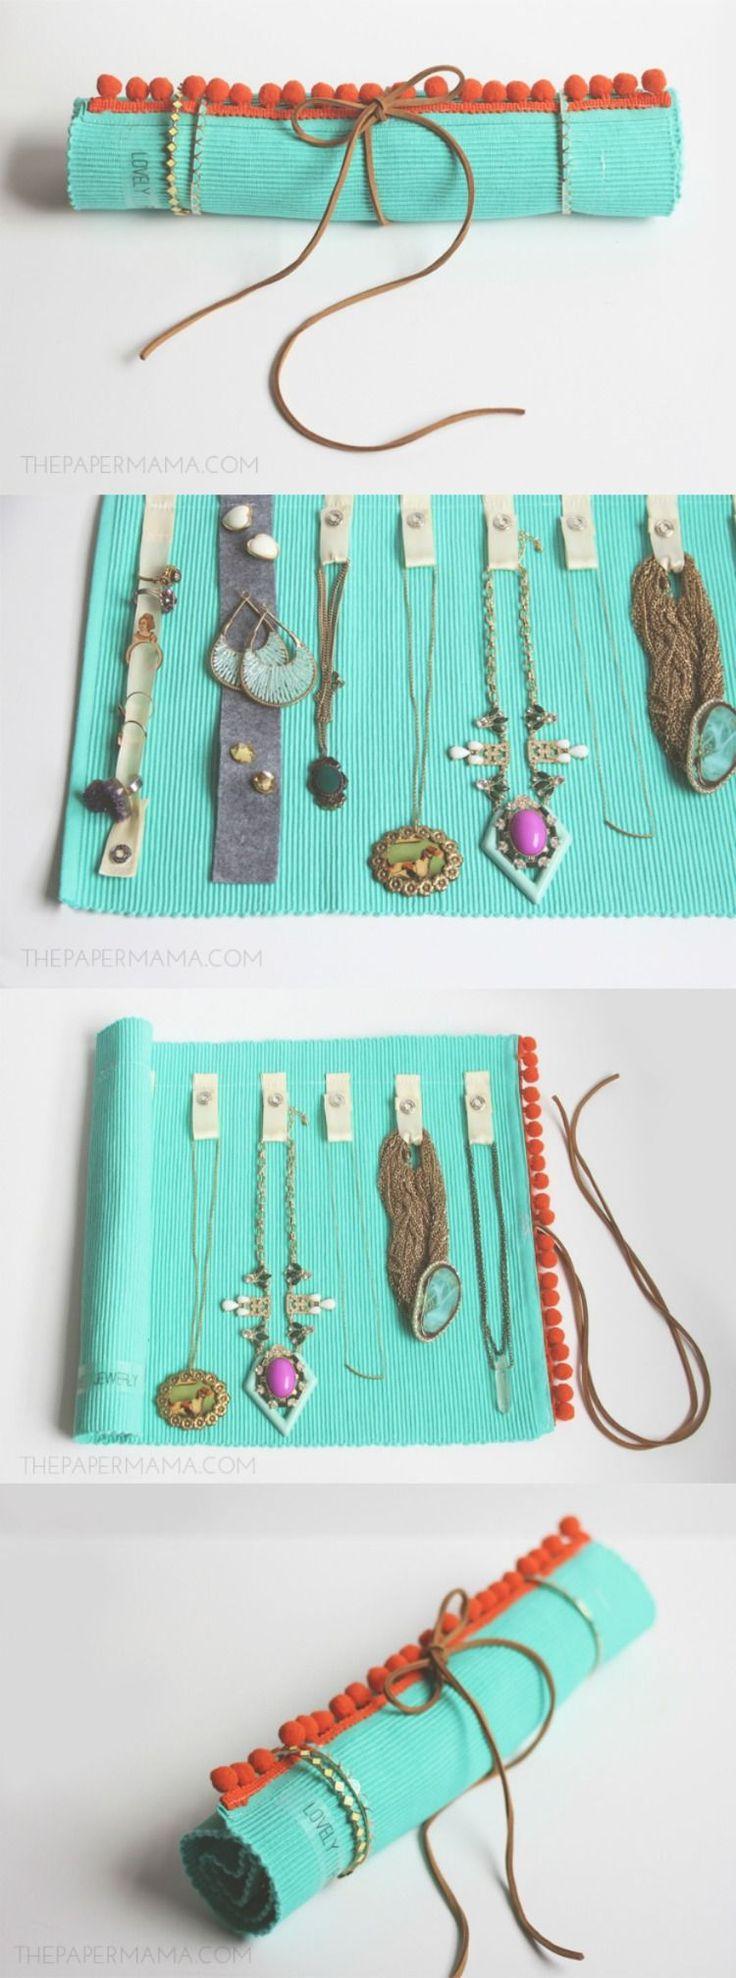 3538 besten Jewelry Making Business Bilder auf Pinterest ...